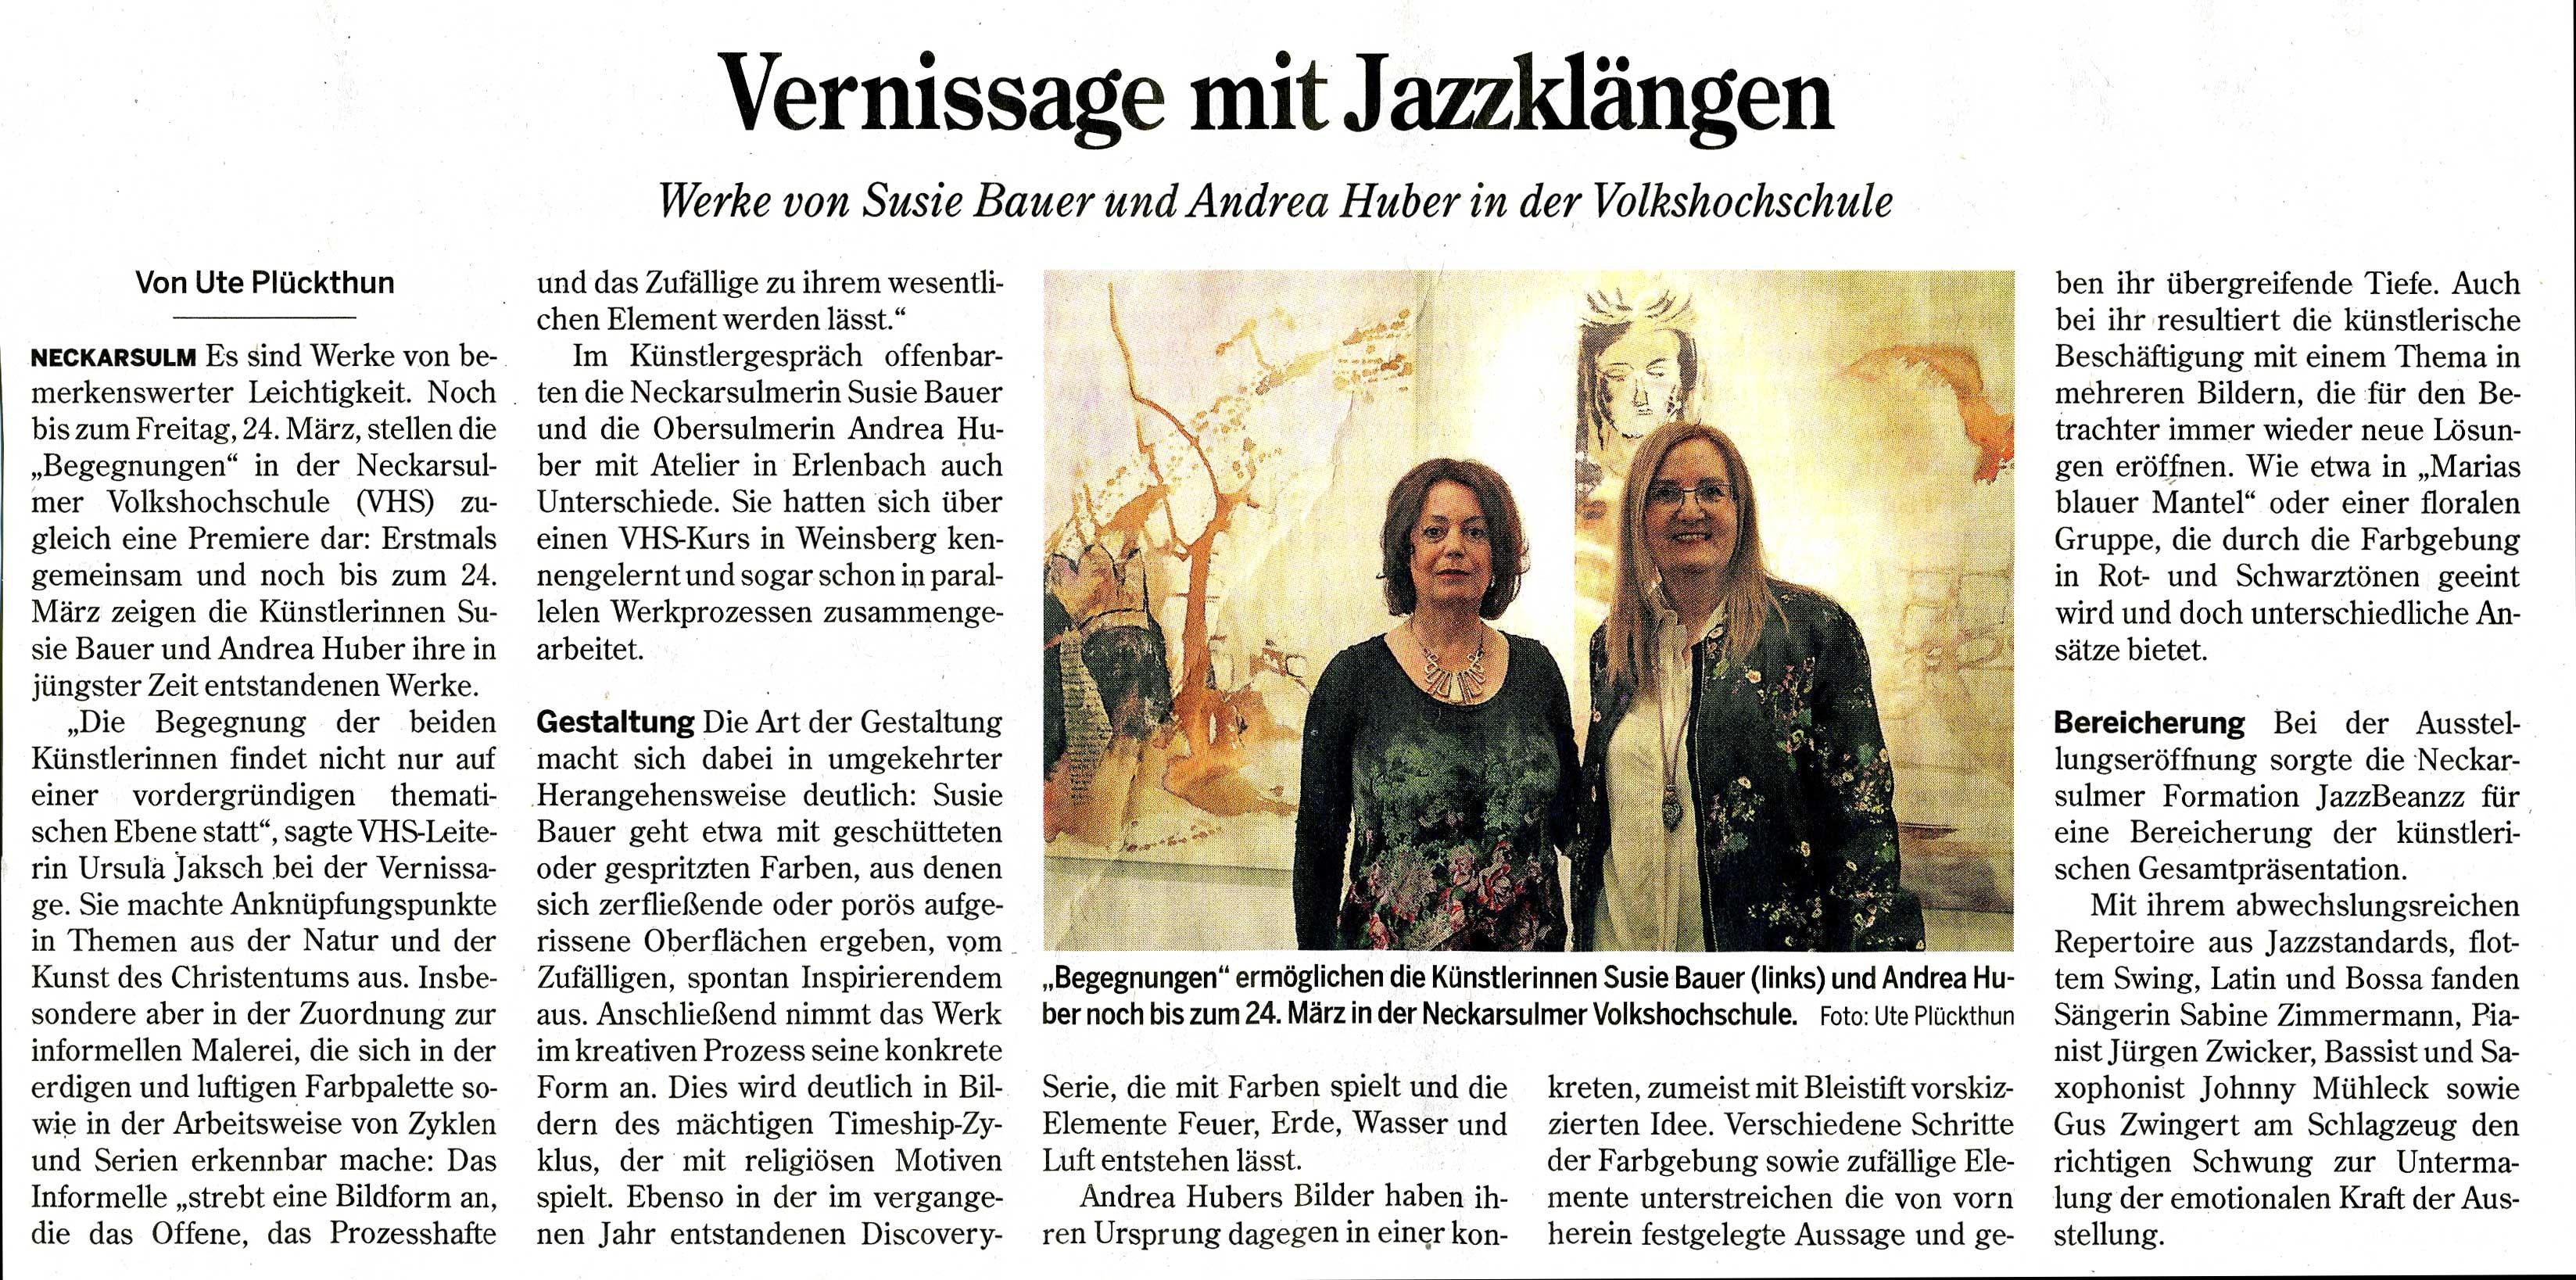 2017-02 HSt Vernissage: Begegnungen